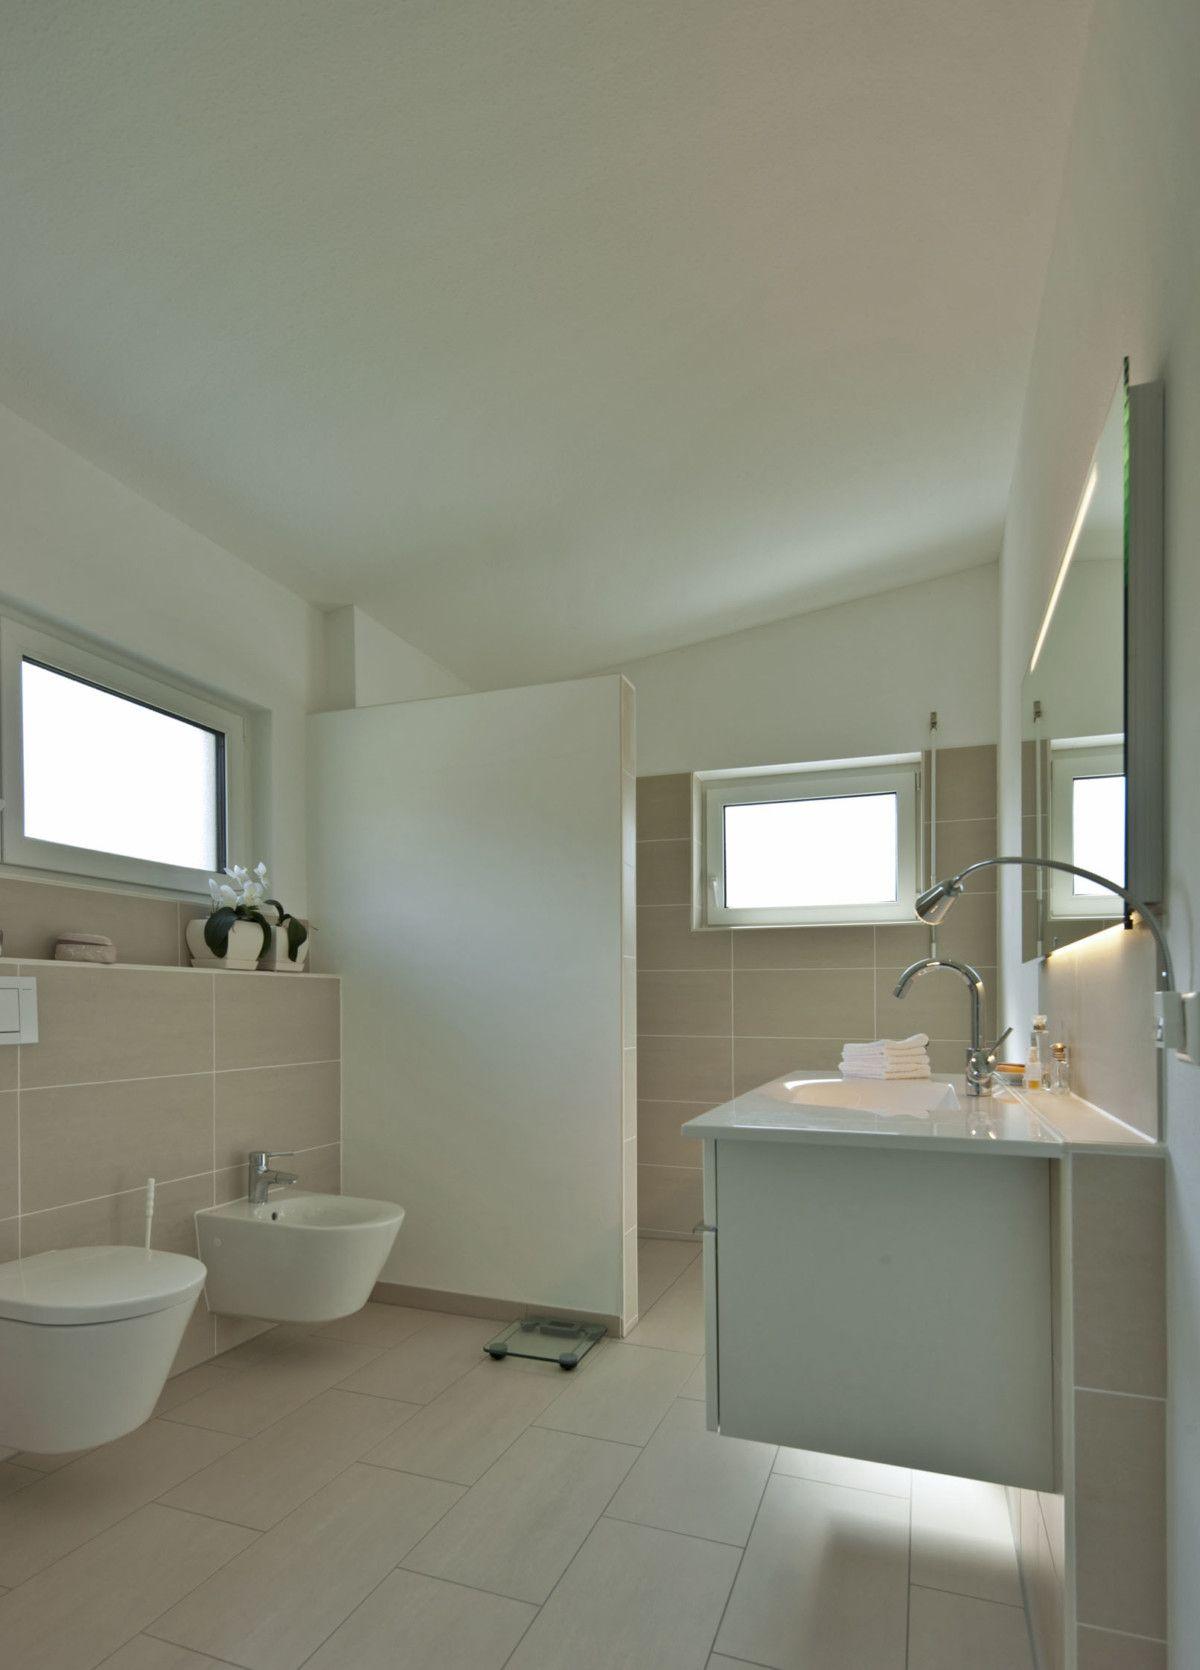 Badezimmer Mit Abtrennung Dusche Gemauert   Einrichtung Ideen Baumeister  Haus Kempf Massivhaus   HausbauDirekt.de